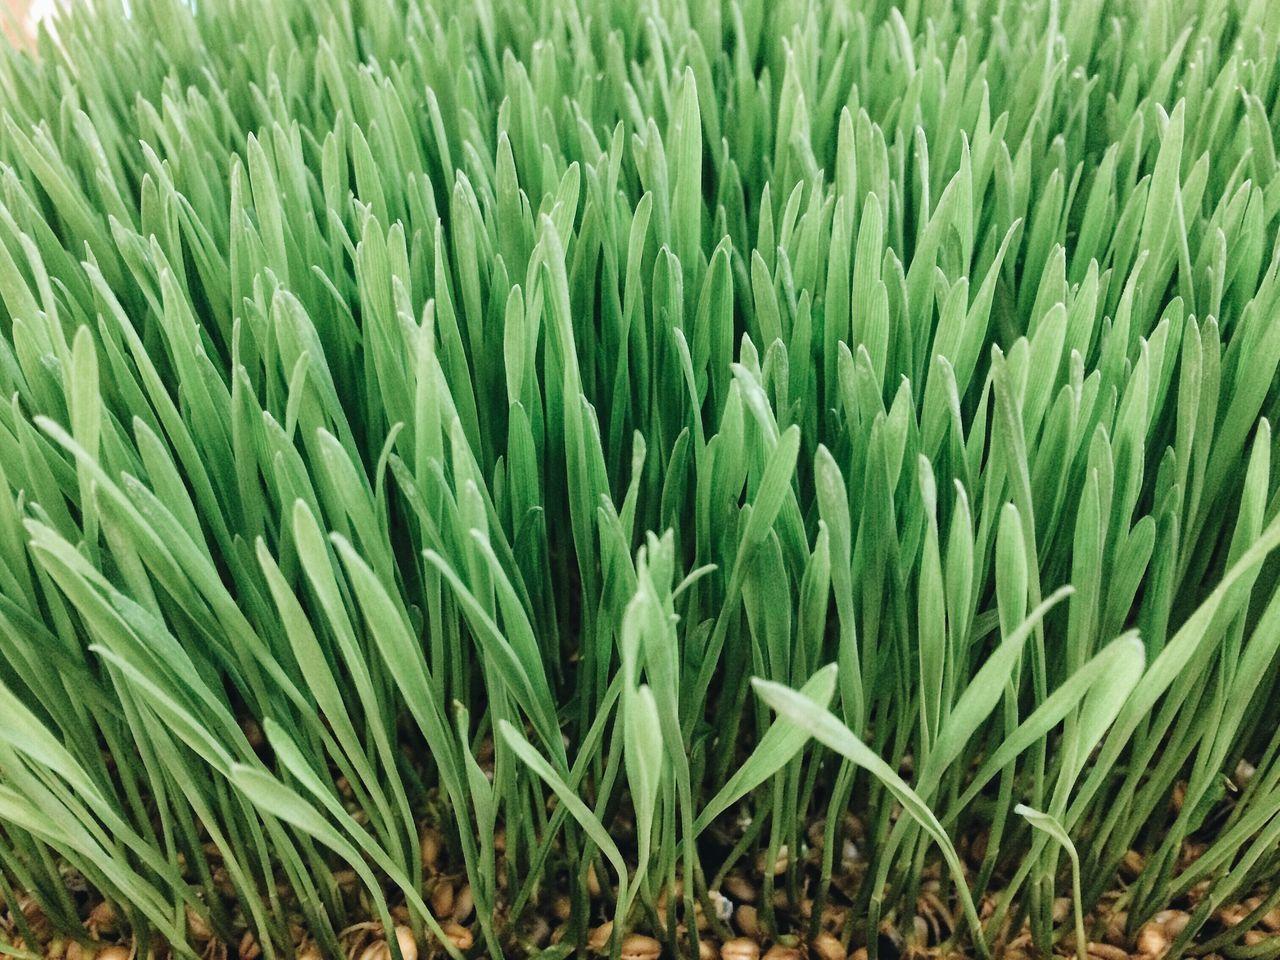 weed grass Foodporn StillLifePhotography Stillphotography Grass Green